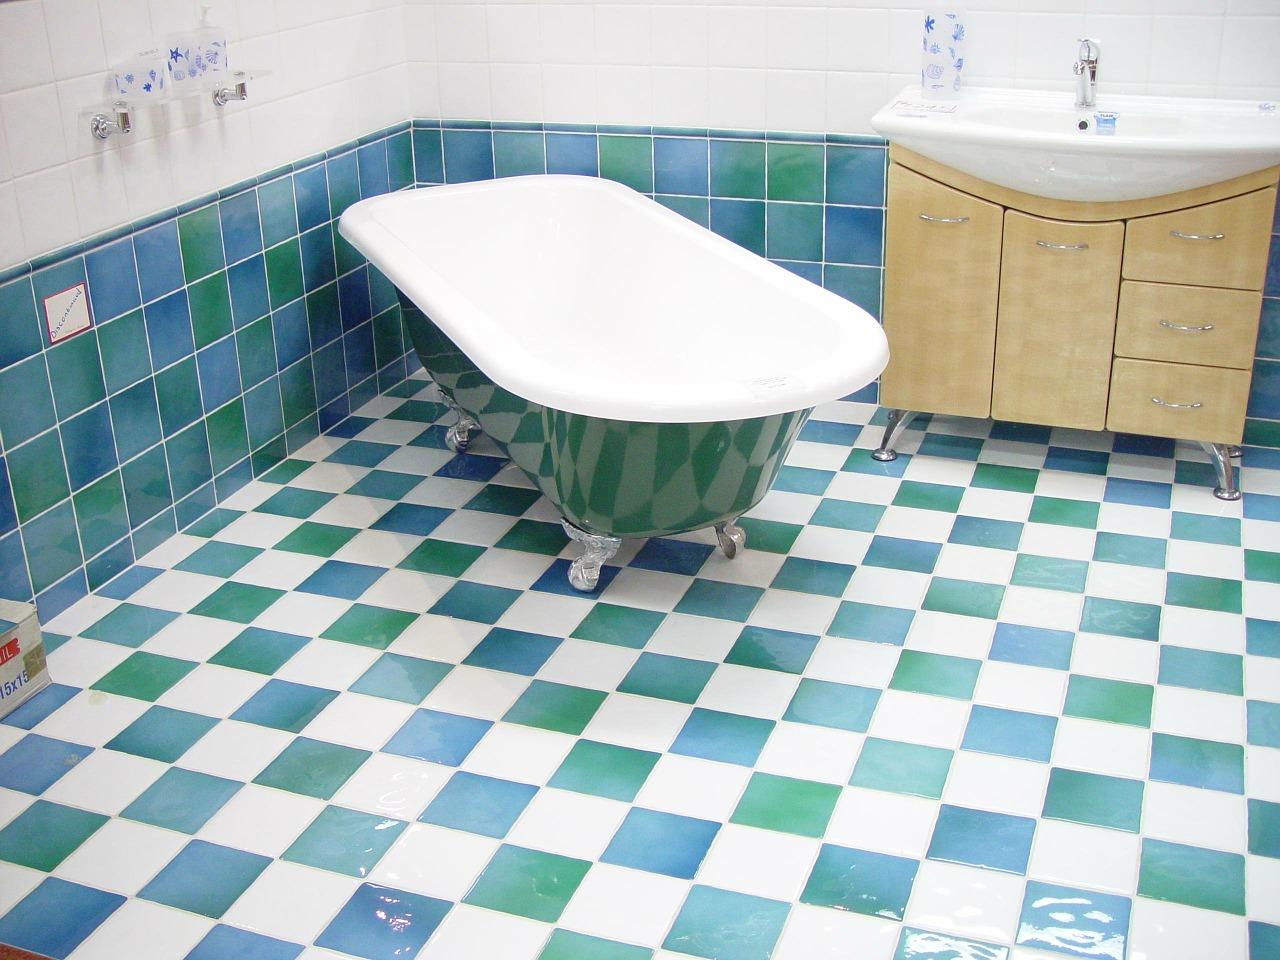 Vasca Da Bagno Moderno : Vasca da bagno dimensioni idee per la casa douglasfalls